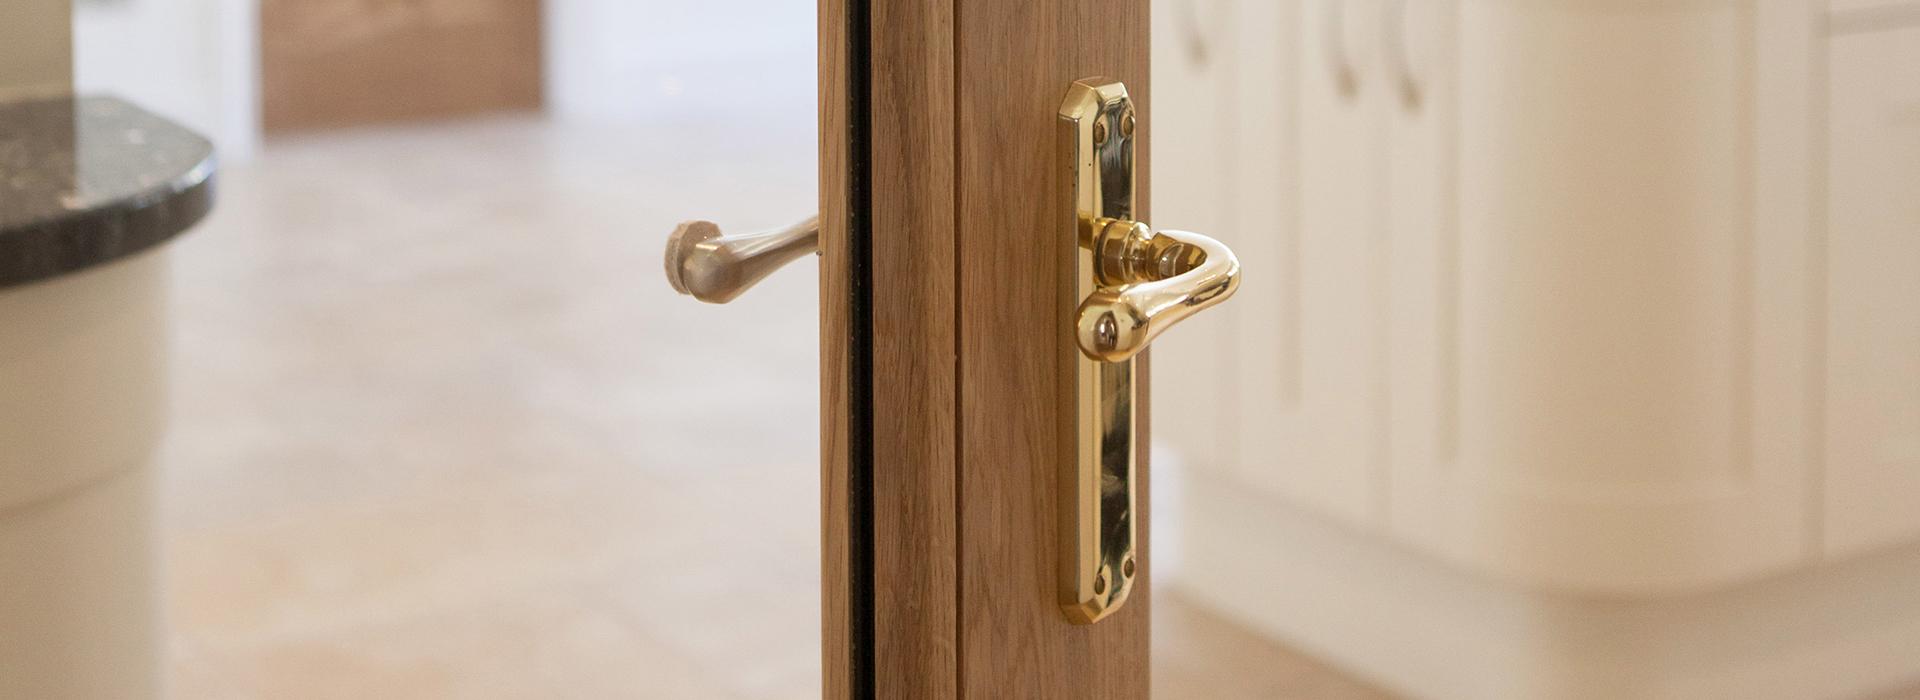 Glazed door with brass handle